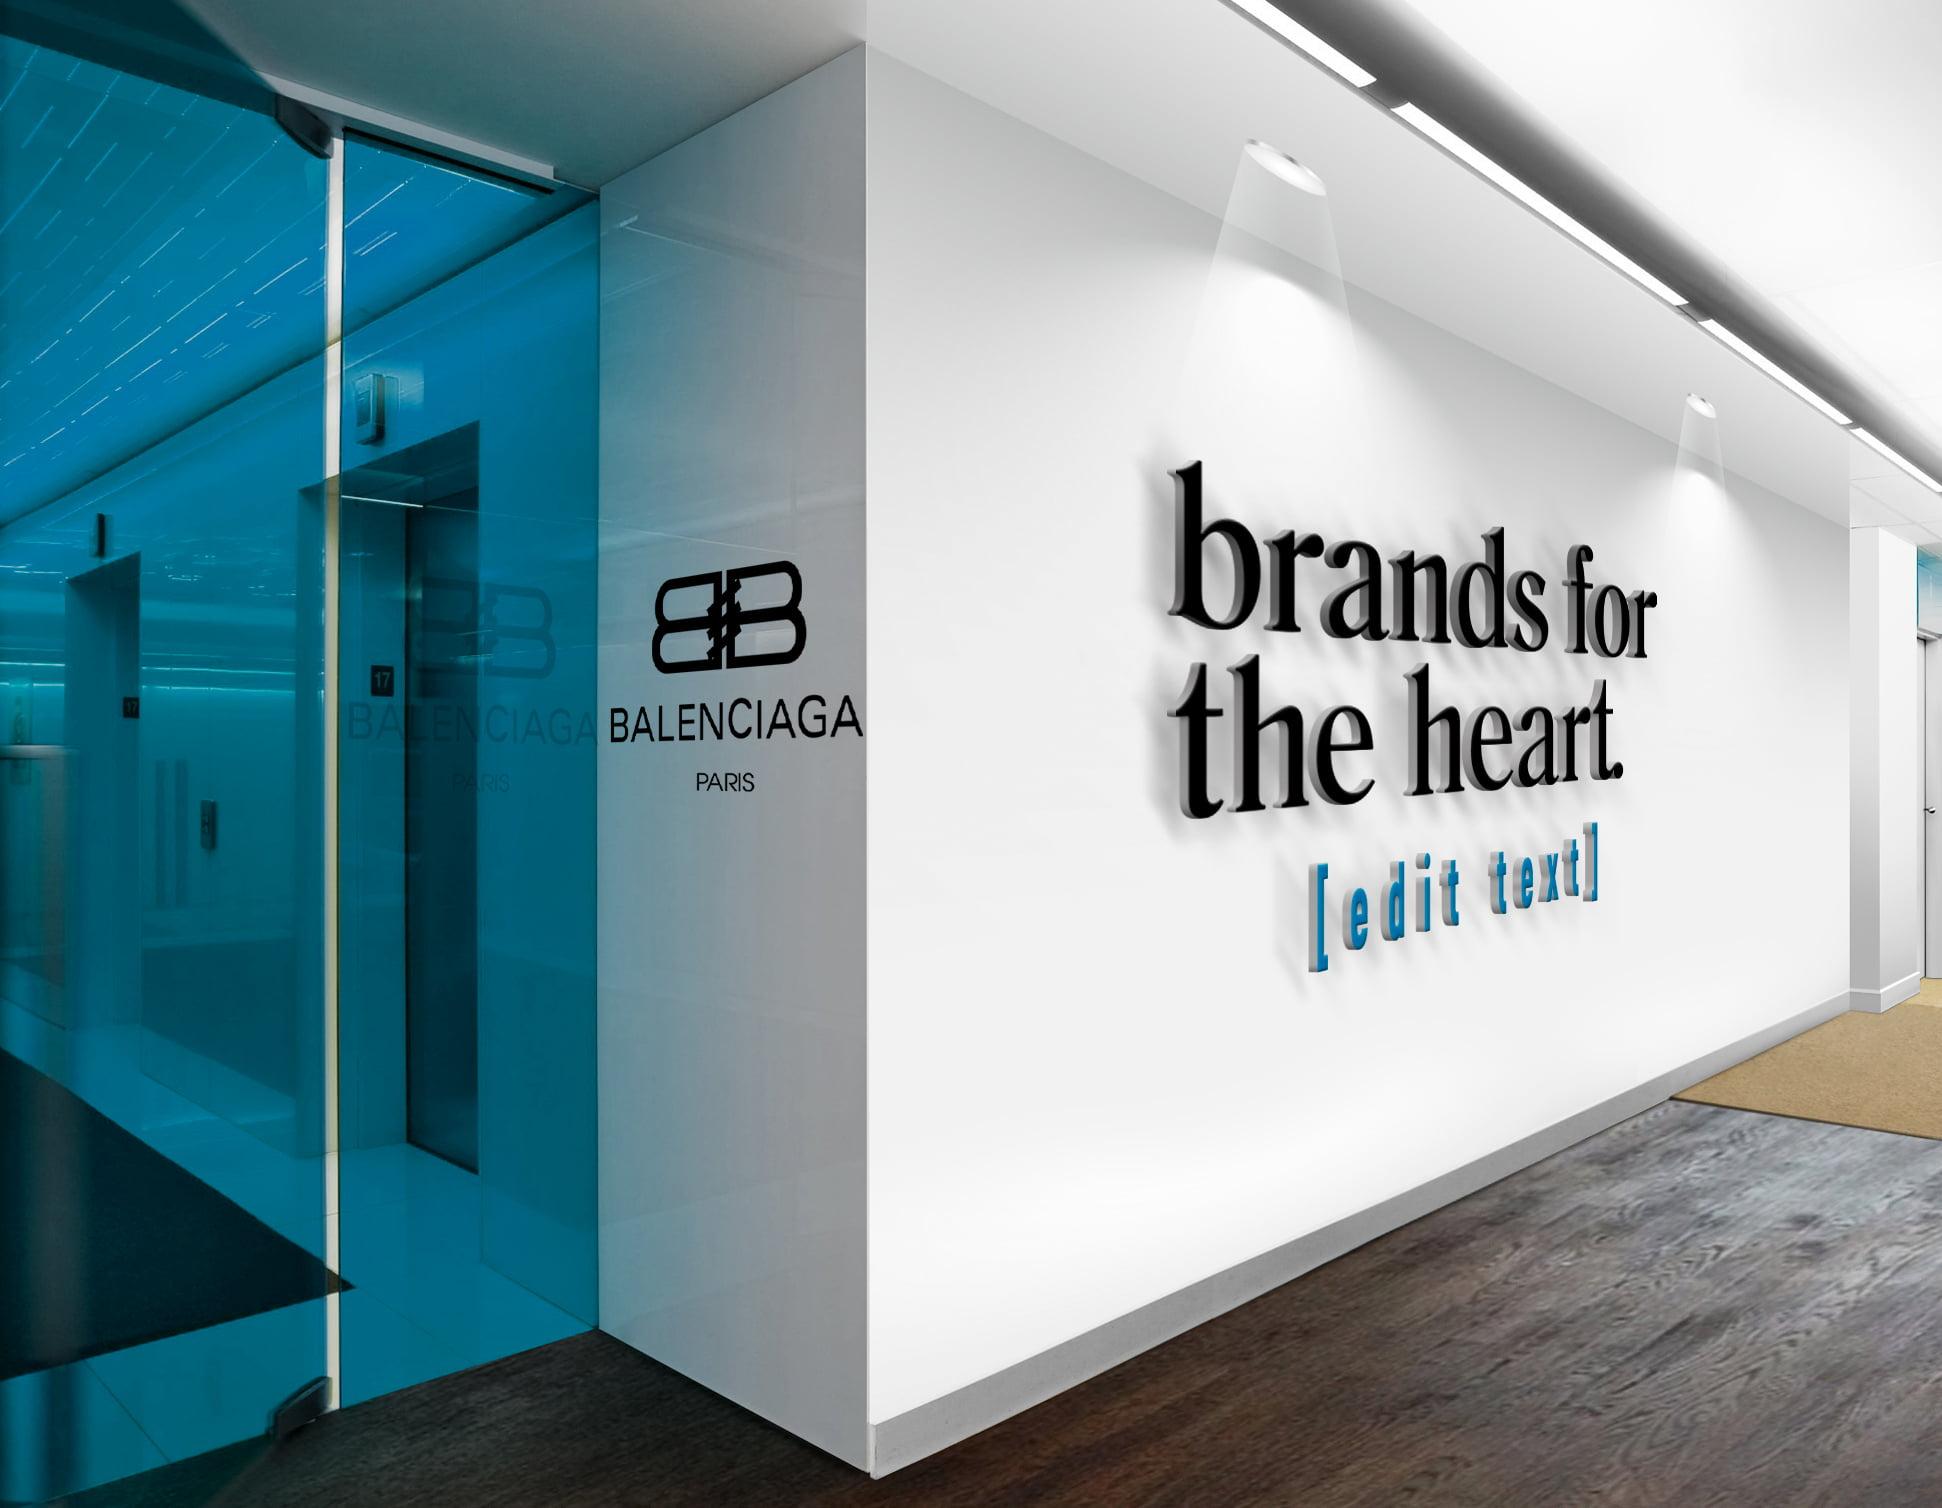 Balenciaga-3D-Wall-Logo-&-Slogan-Mockup